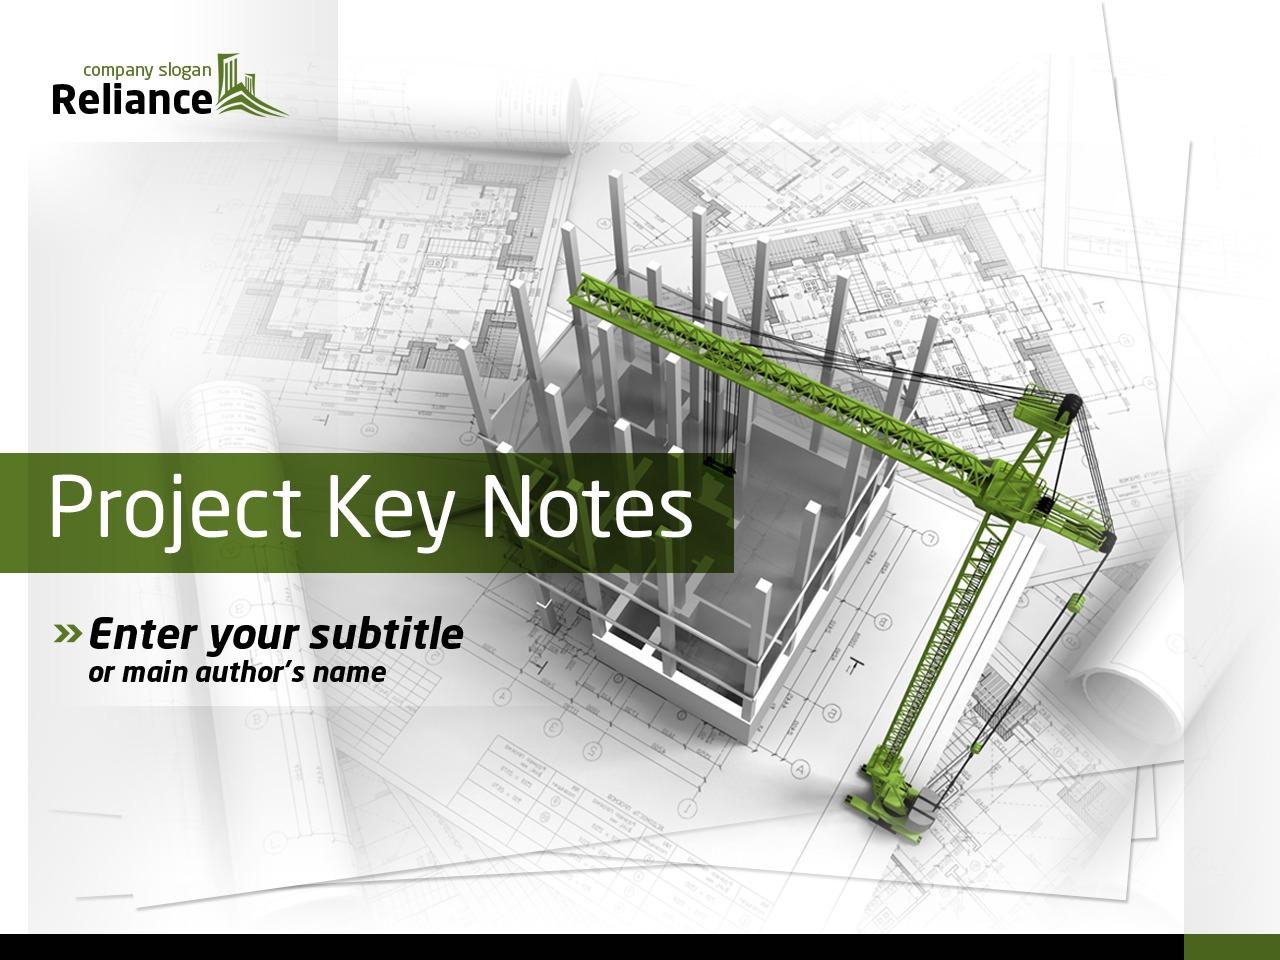 建筑公司PowerPoint 模板 #36736